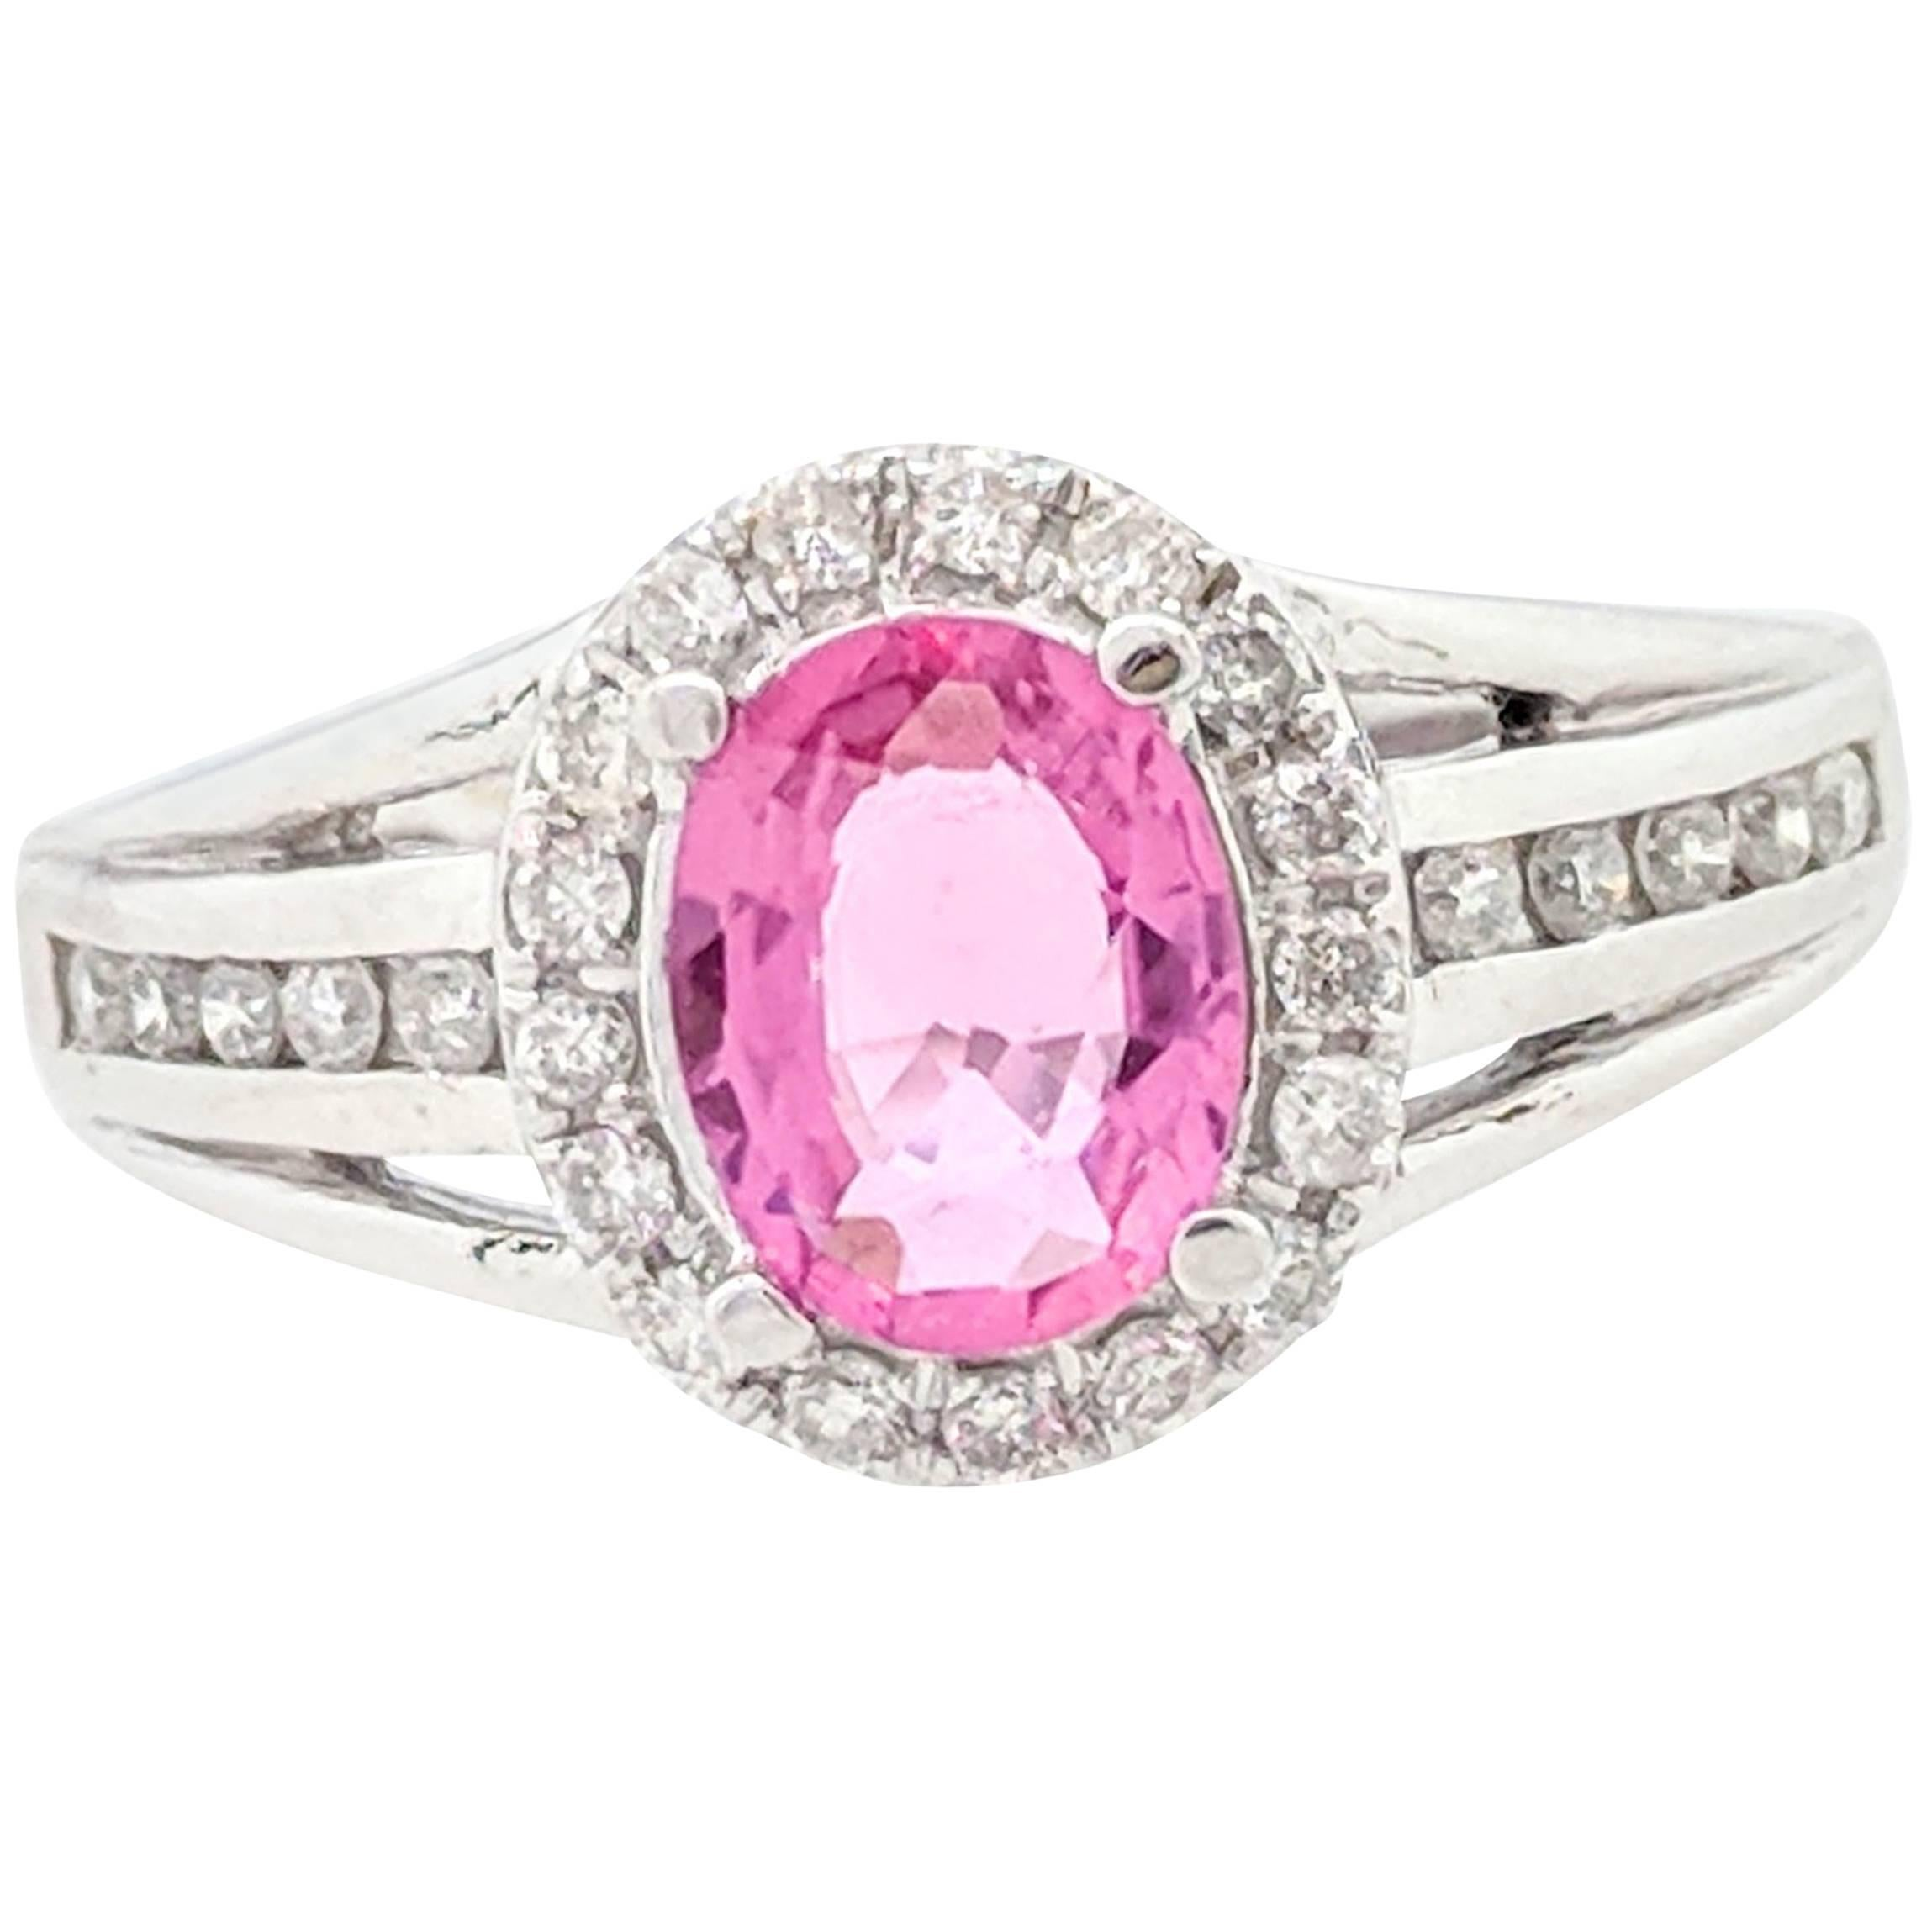 14 Karat White Gold 1.17 Carat Pink Tourmaline and Diamond Ring at ...